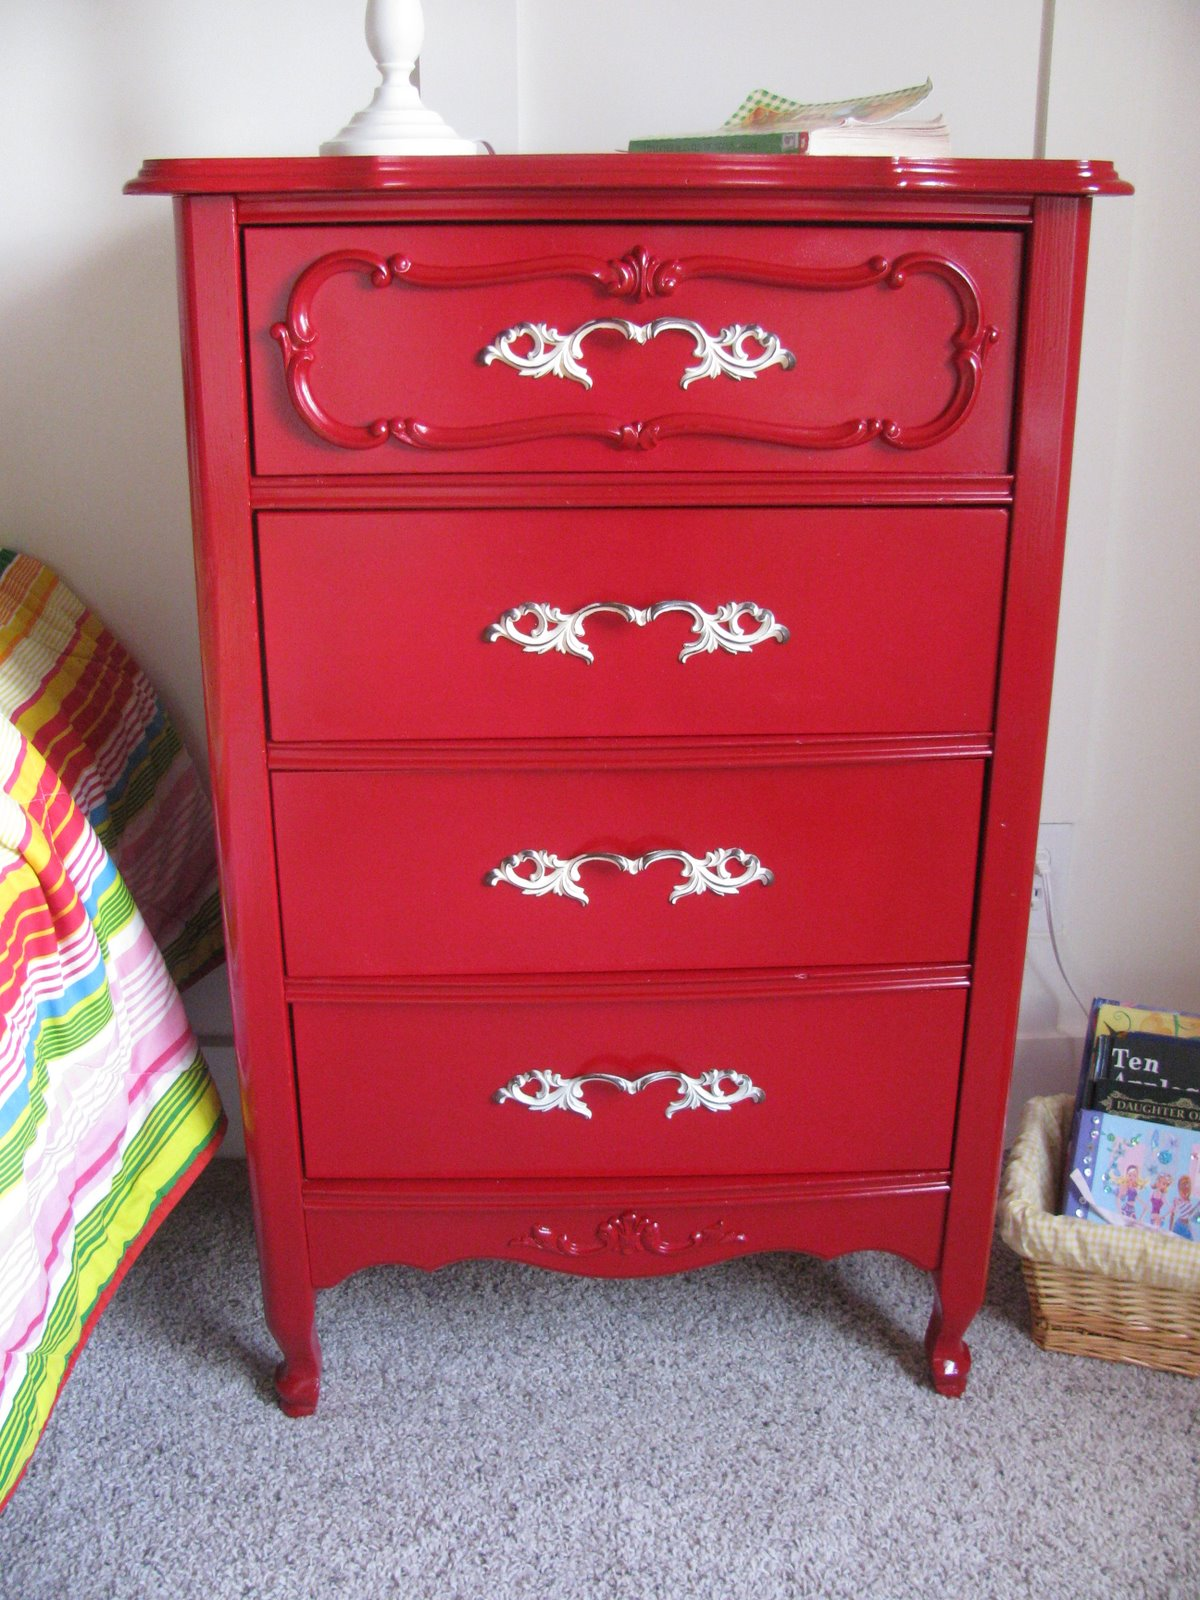 cheap aholic red dresser. Black Bedroom Furniture Sets. Home Design Ideas